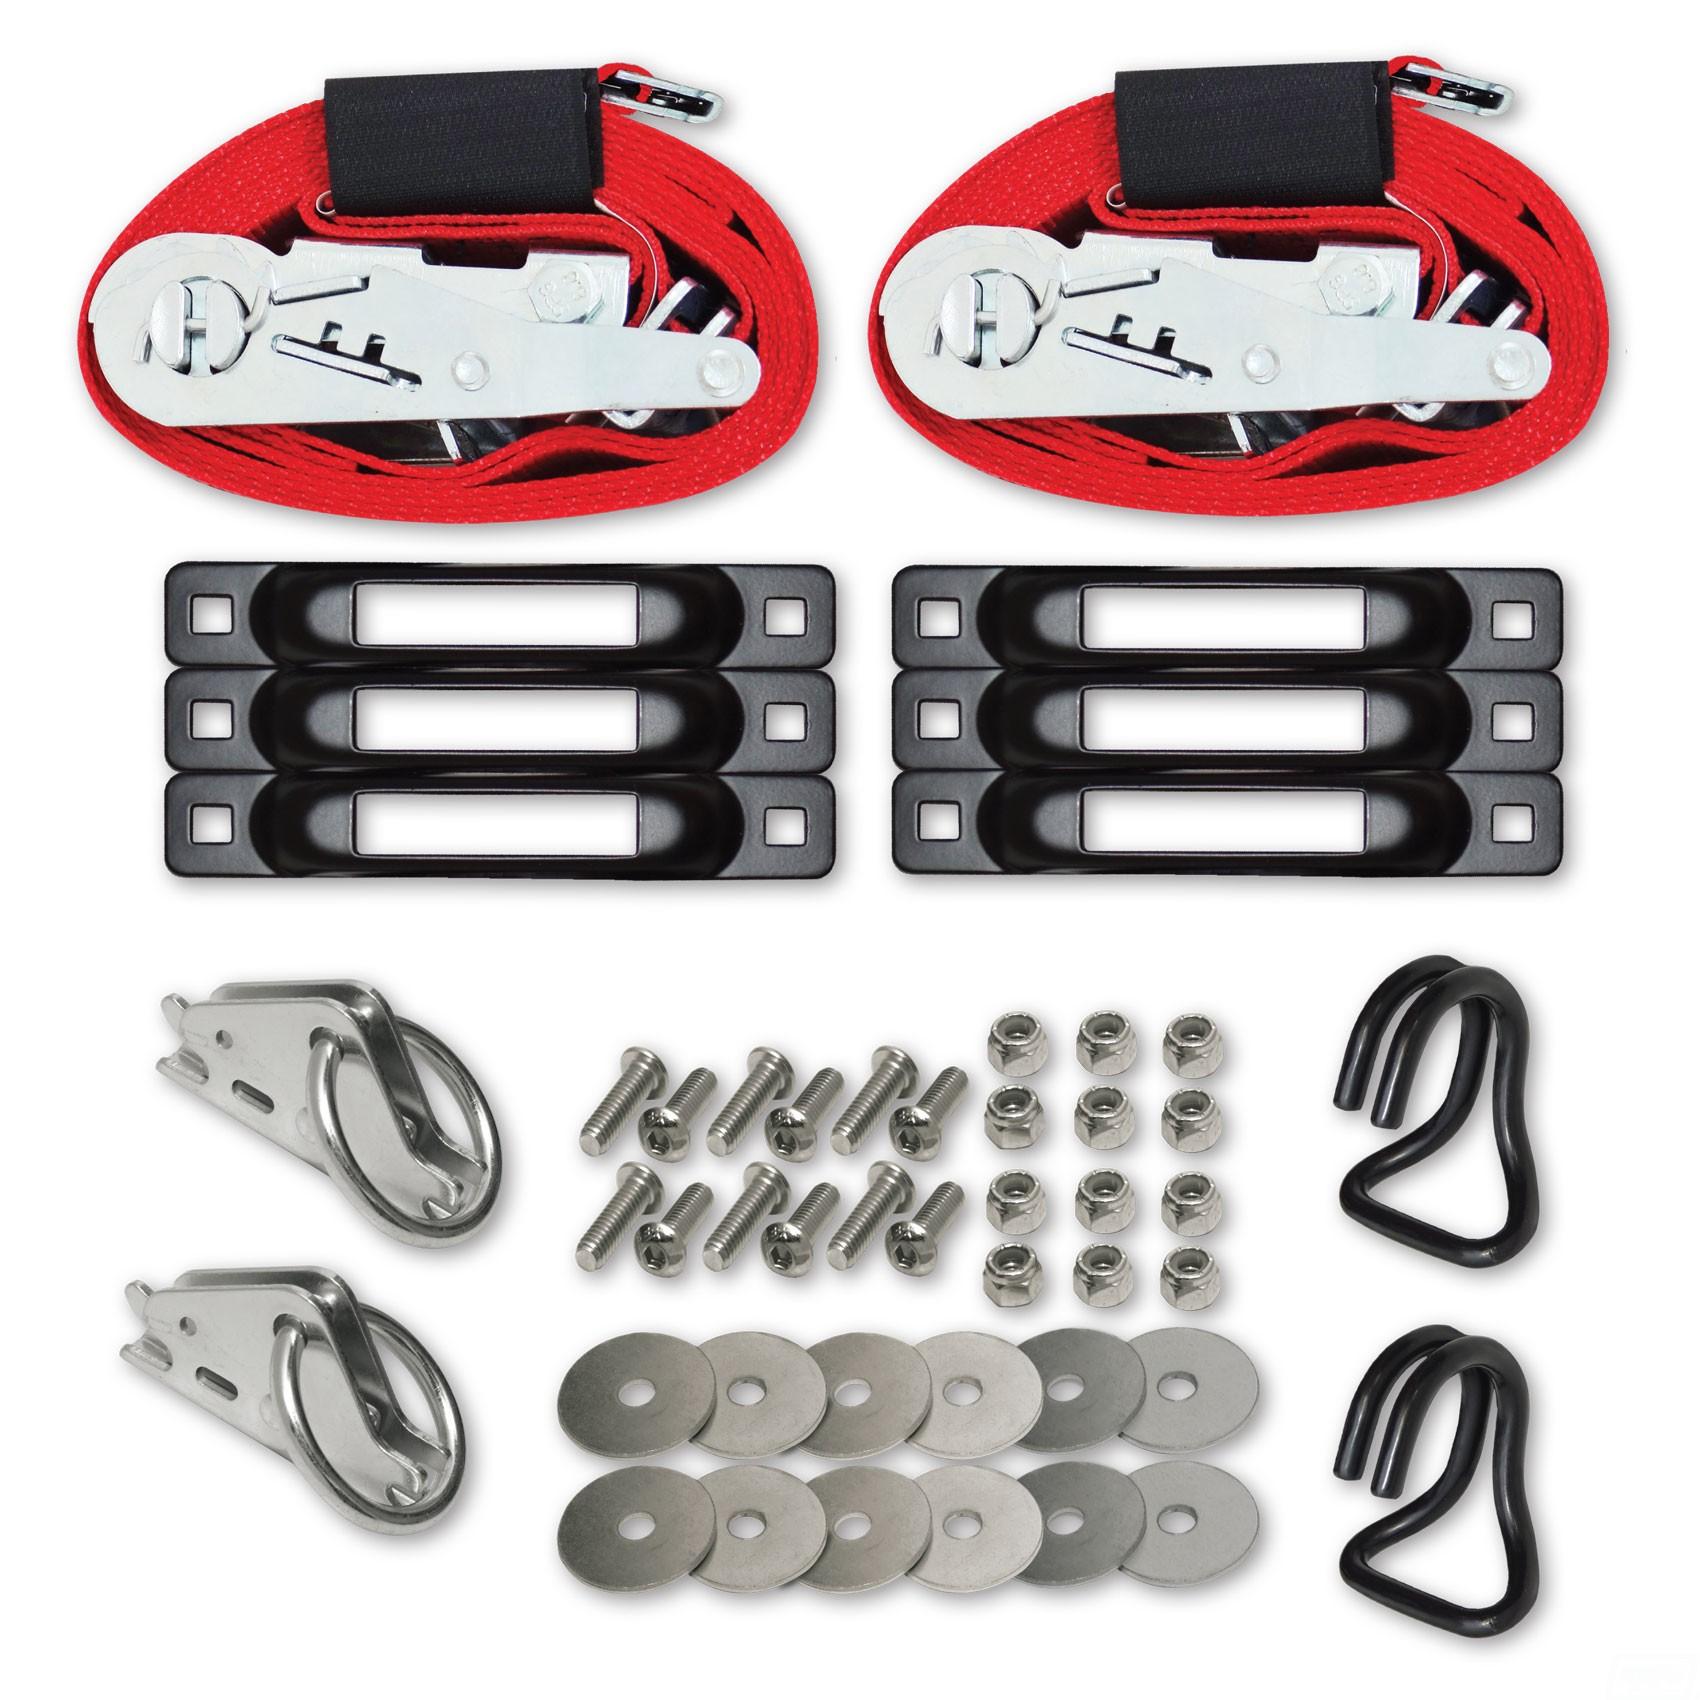 Truck & Trailer E-Strap System Plus (Import strap)